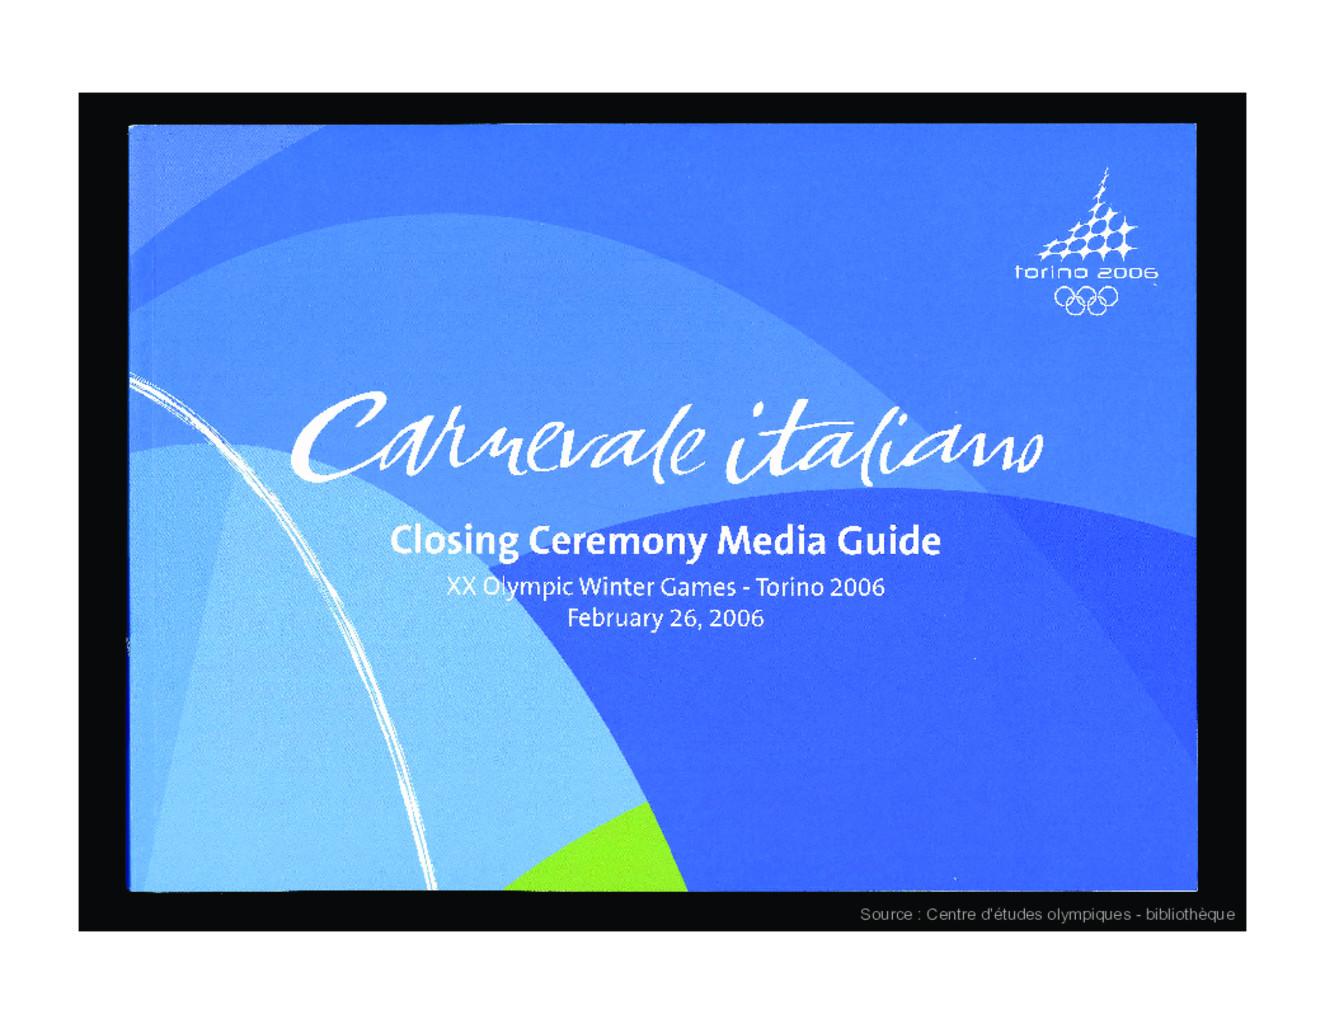 Olympic World Library - Media guide cerimonia di chiusura : XX Giochi  olimpici invernali Torino 2006 : 26 febbraio 2006 = Closing ceremony media  guide : XX Olympic Winter Games Torino 2006 :